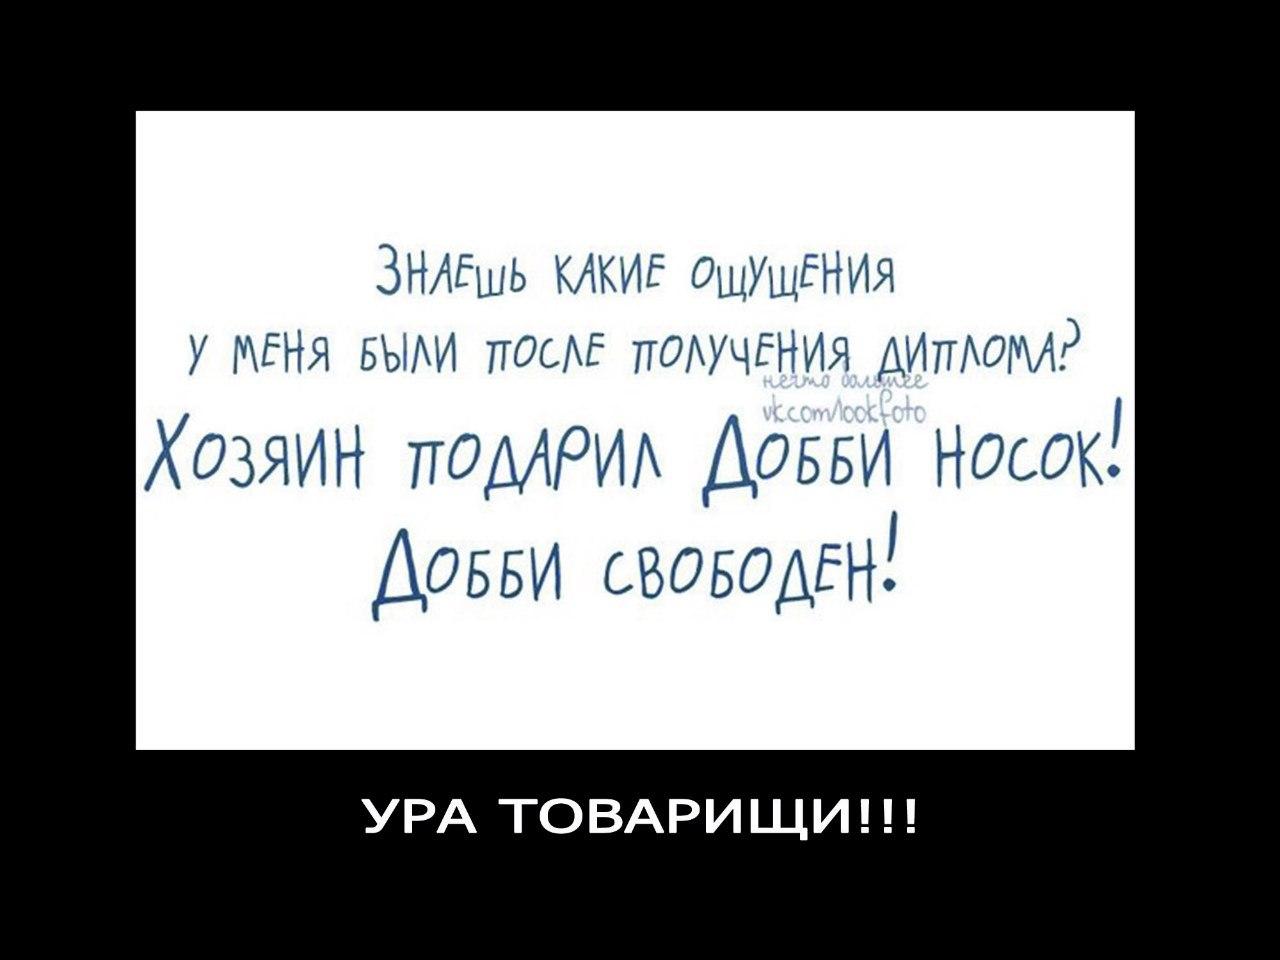 Бургундов, смотреть фильмы детективы русские в ютубе замечает, что